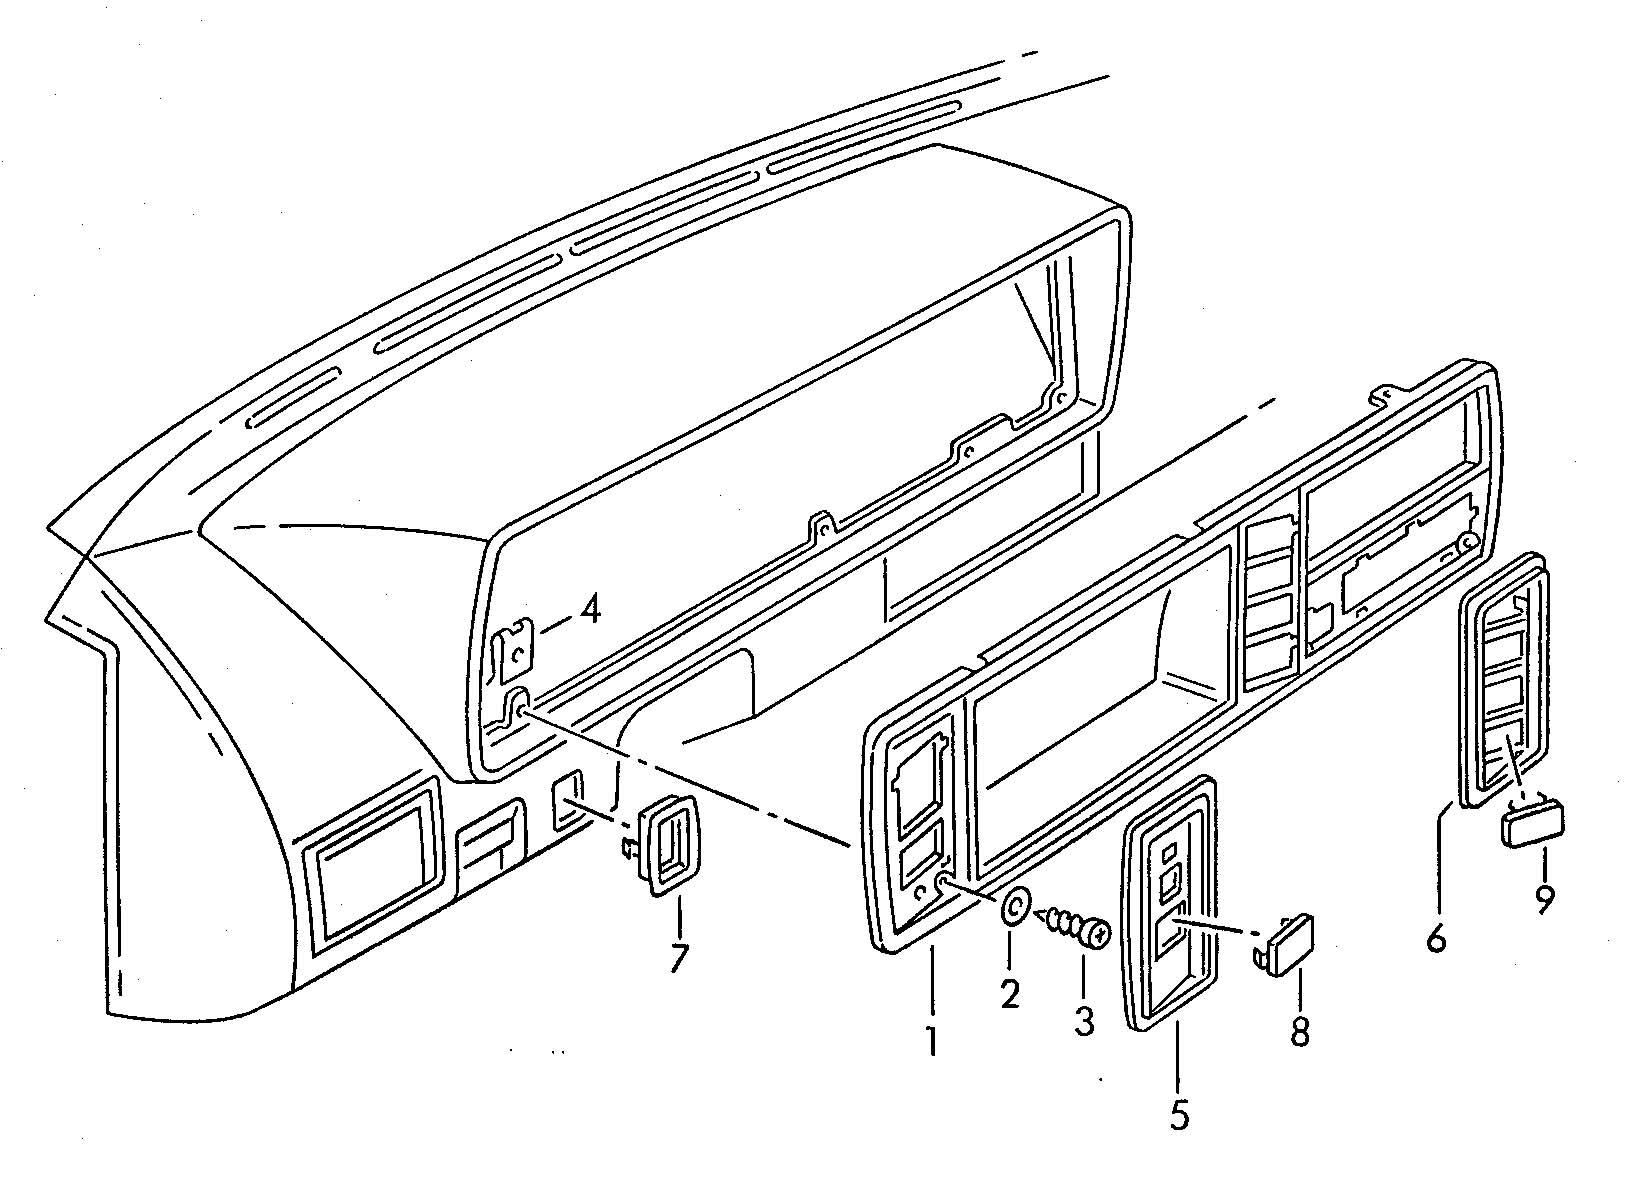 2009 volkswagen routan wiring diagram